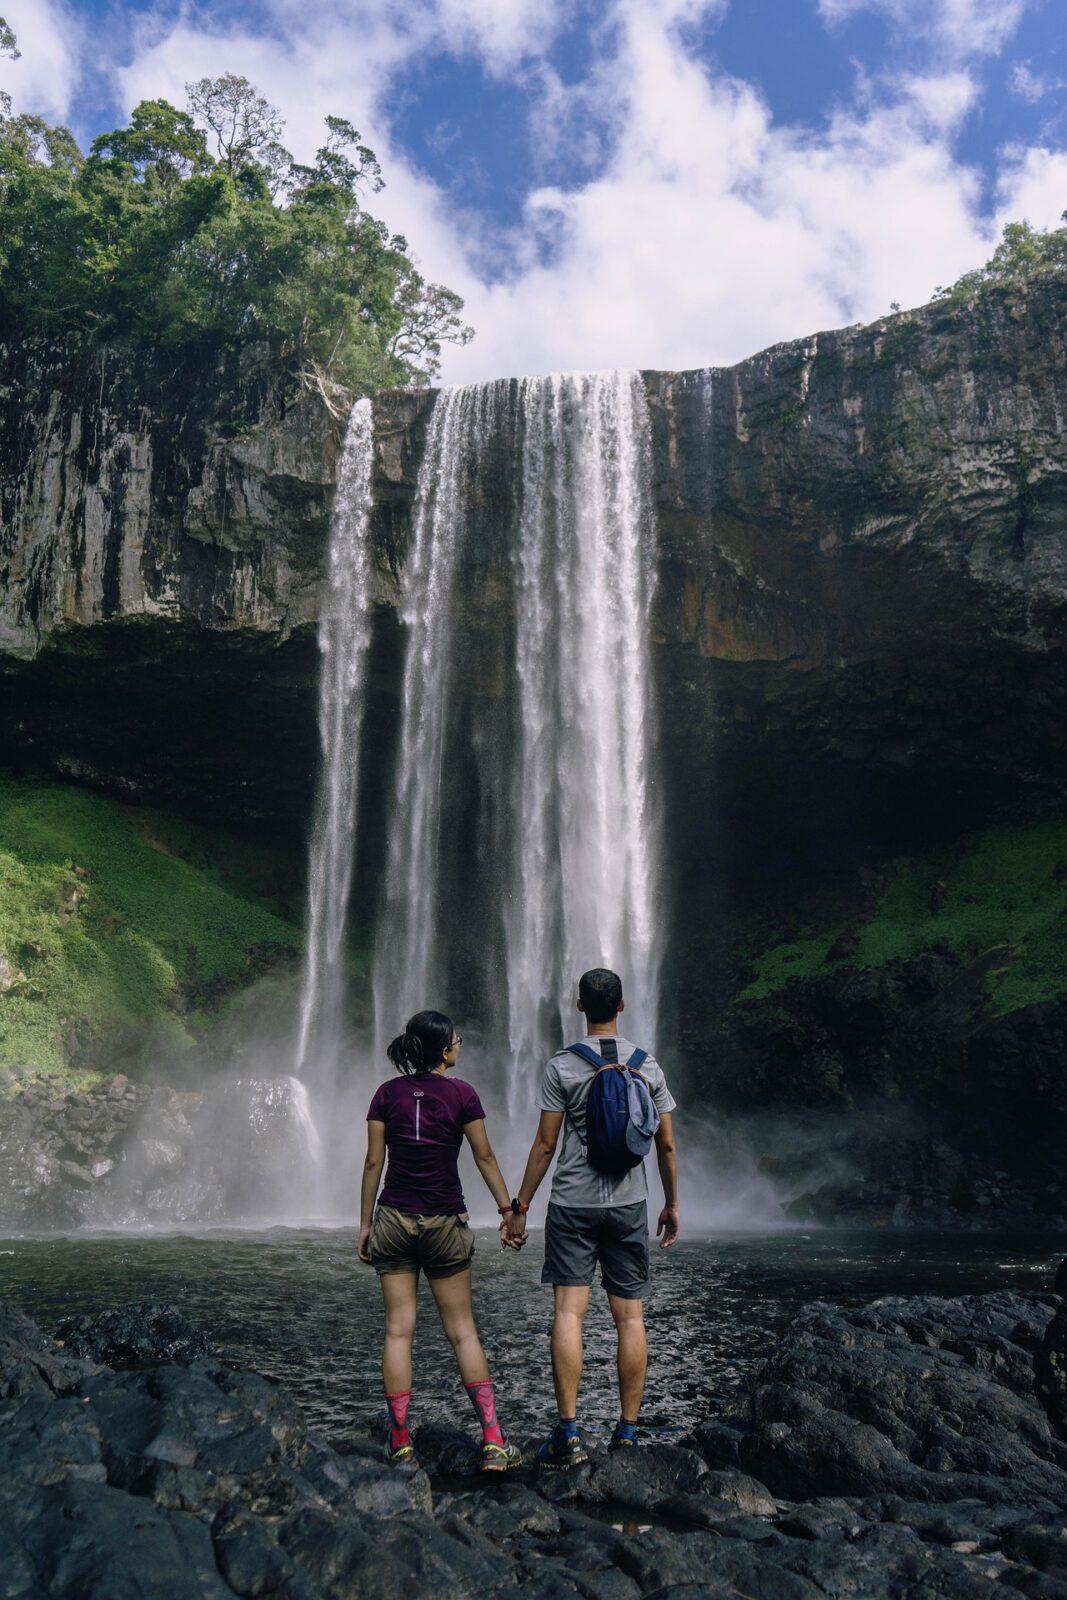 Paar steht am Wasserfall